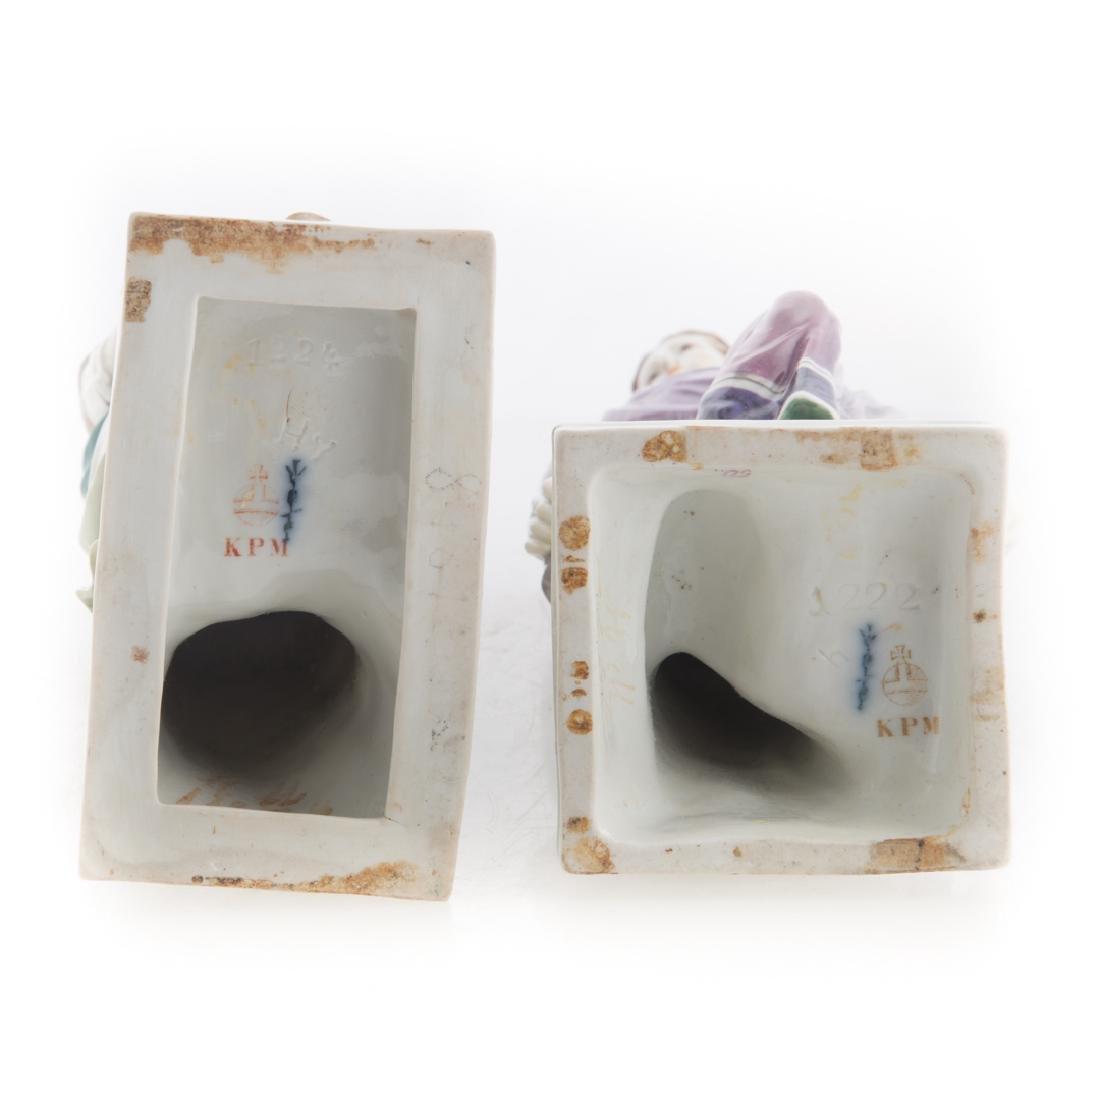 Pair KPM porcelain classical figures - 4